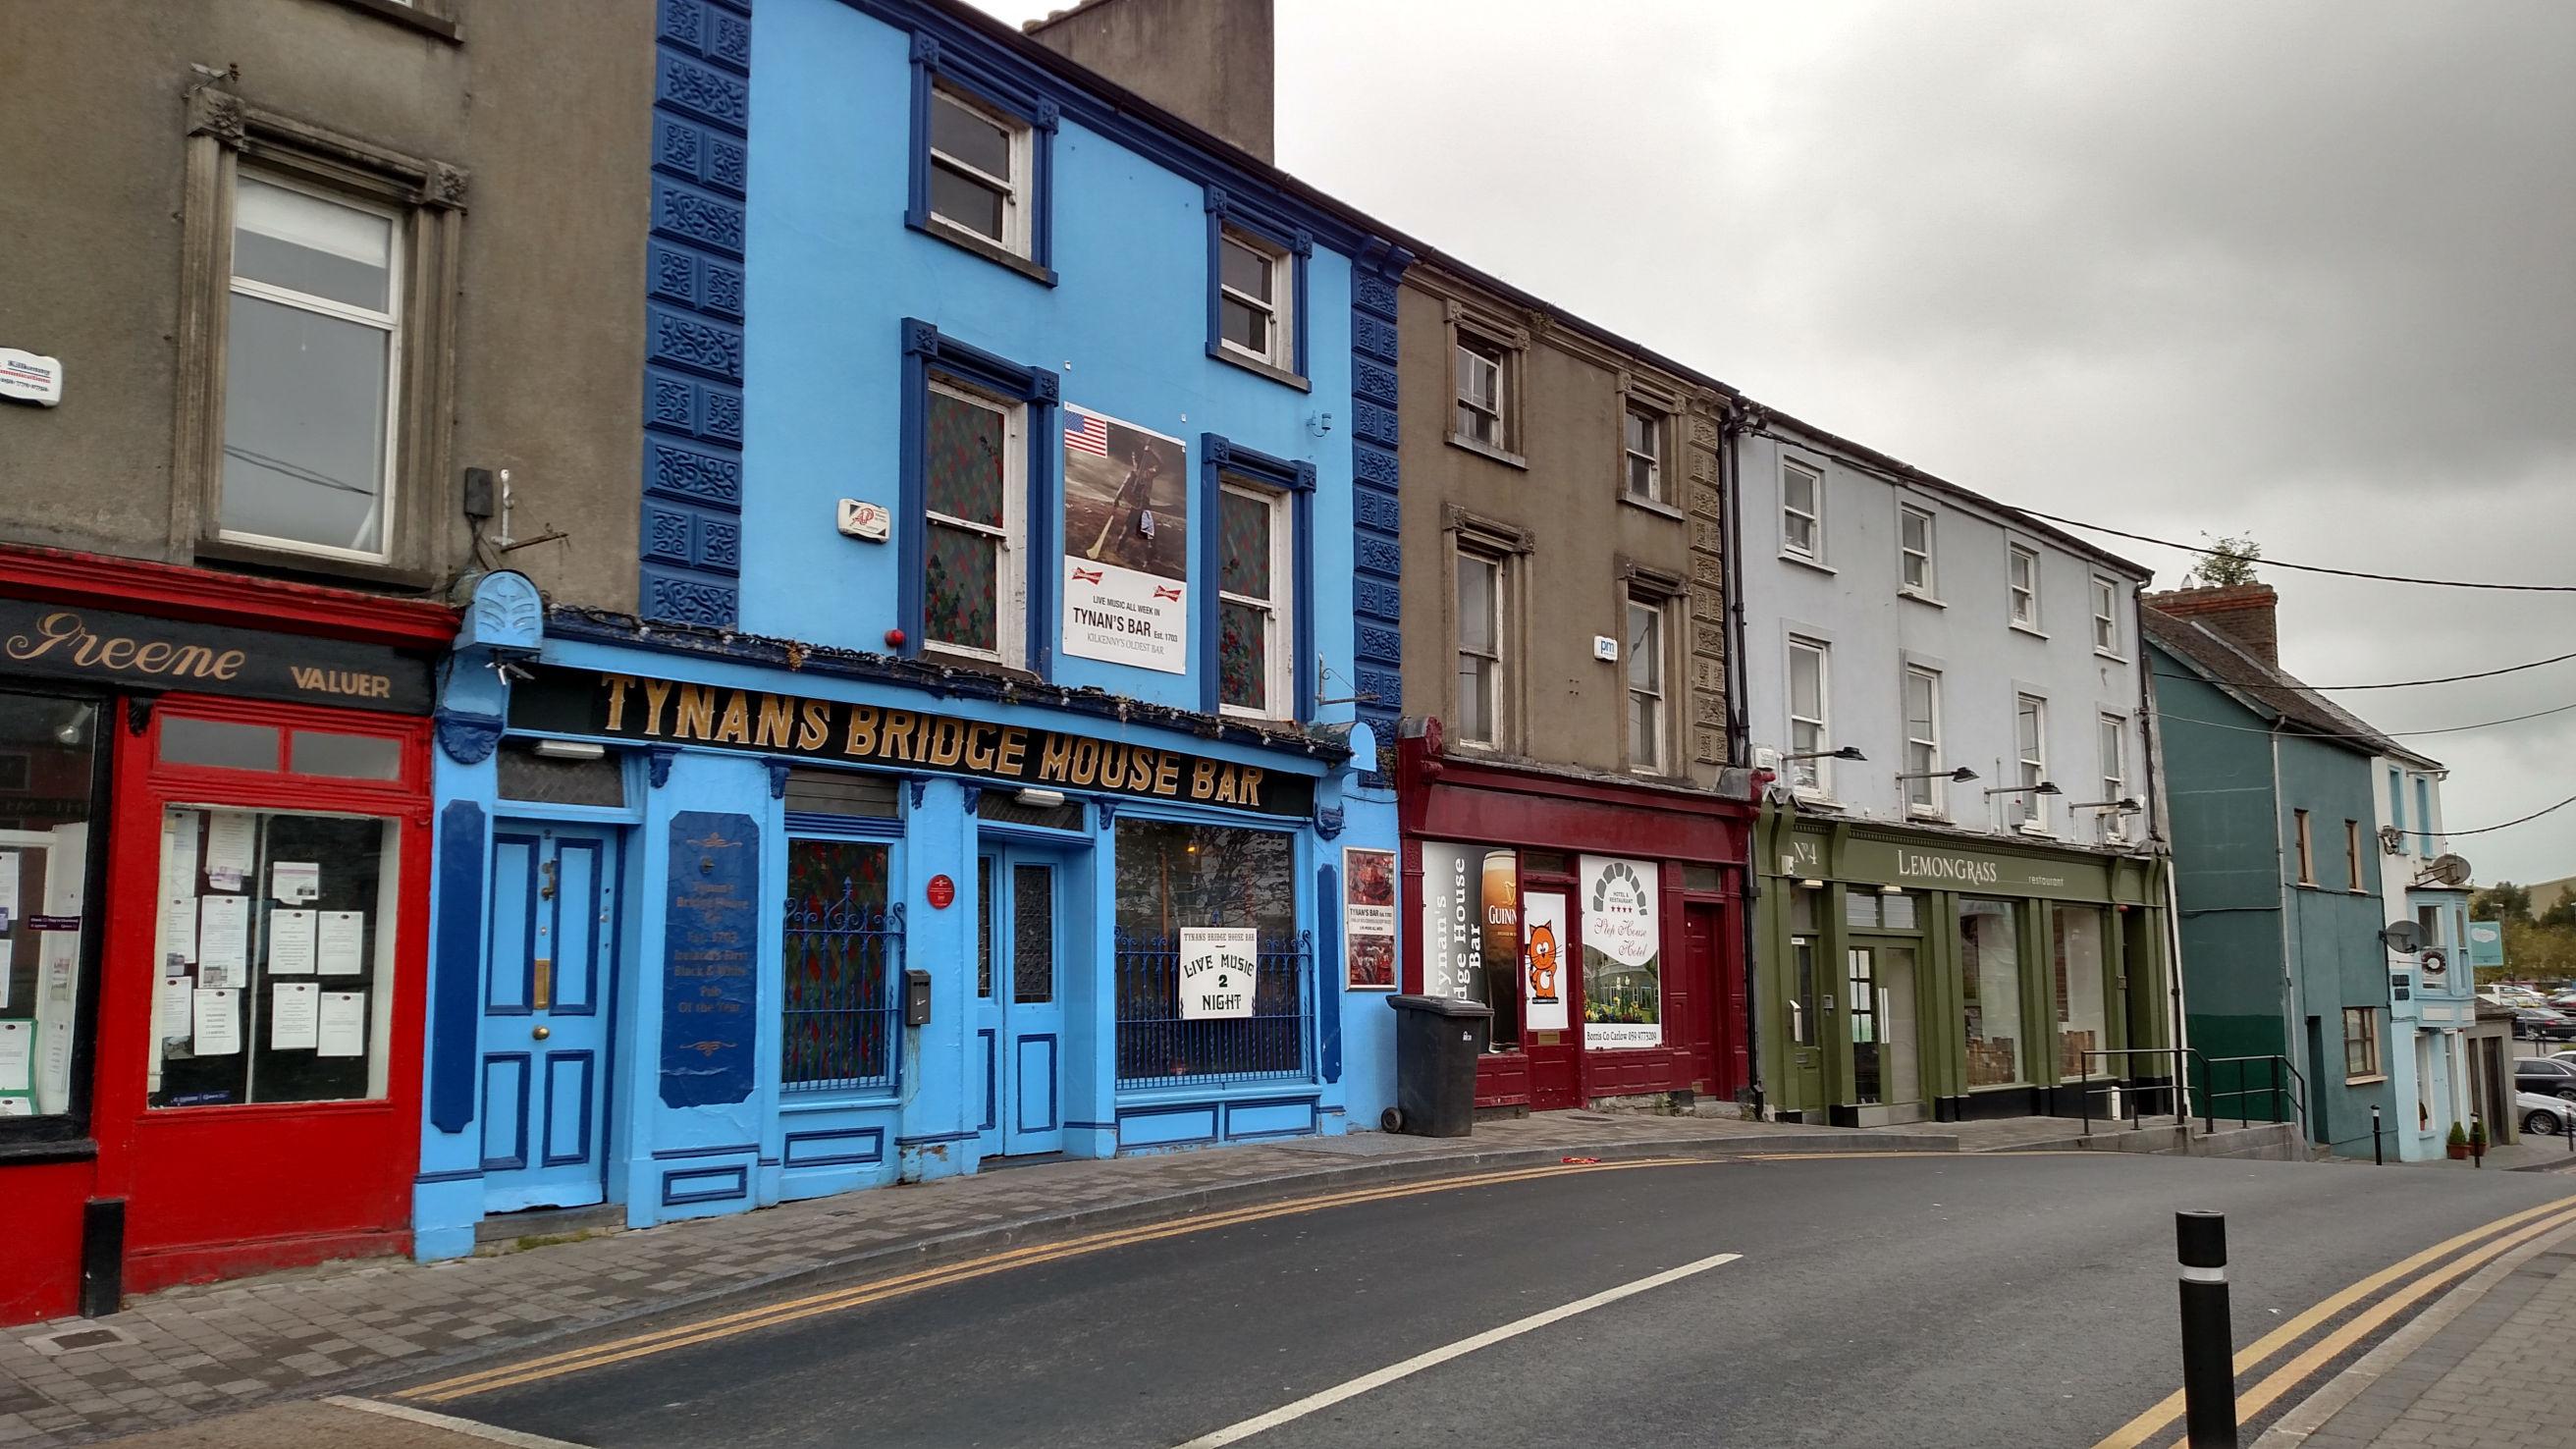 Ireland street